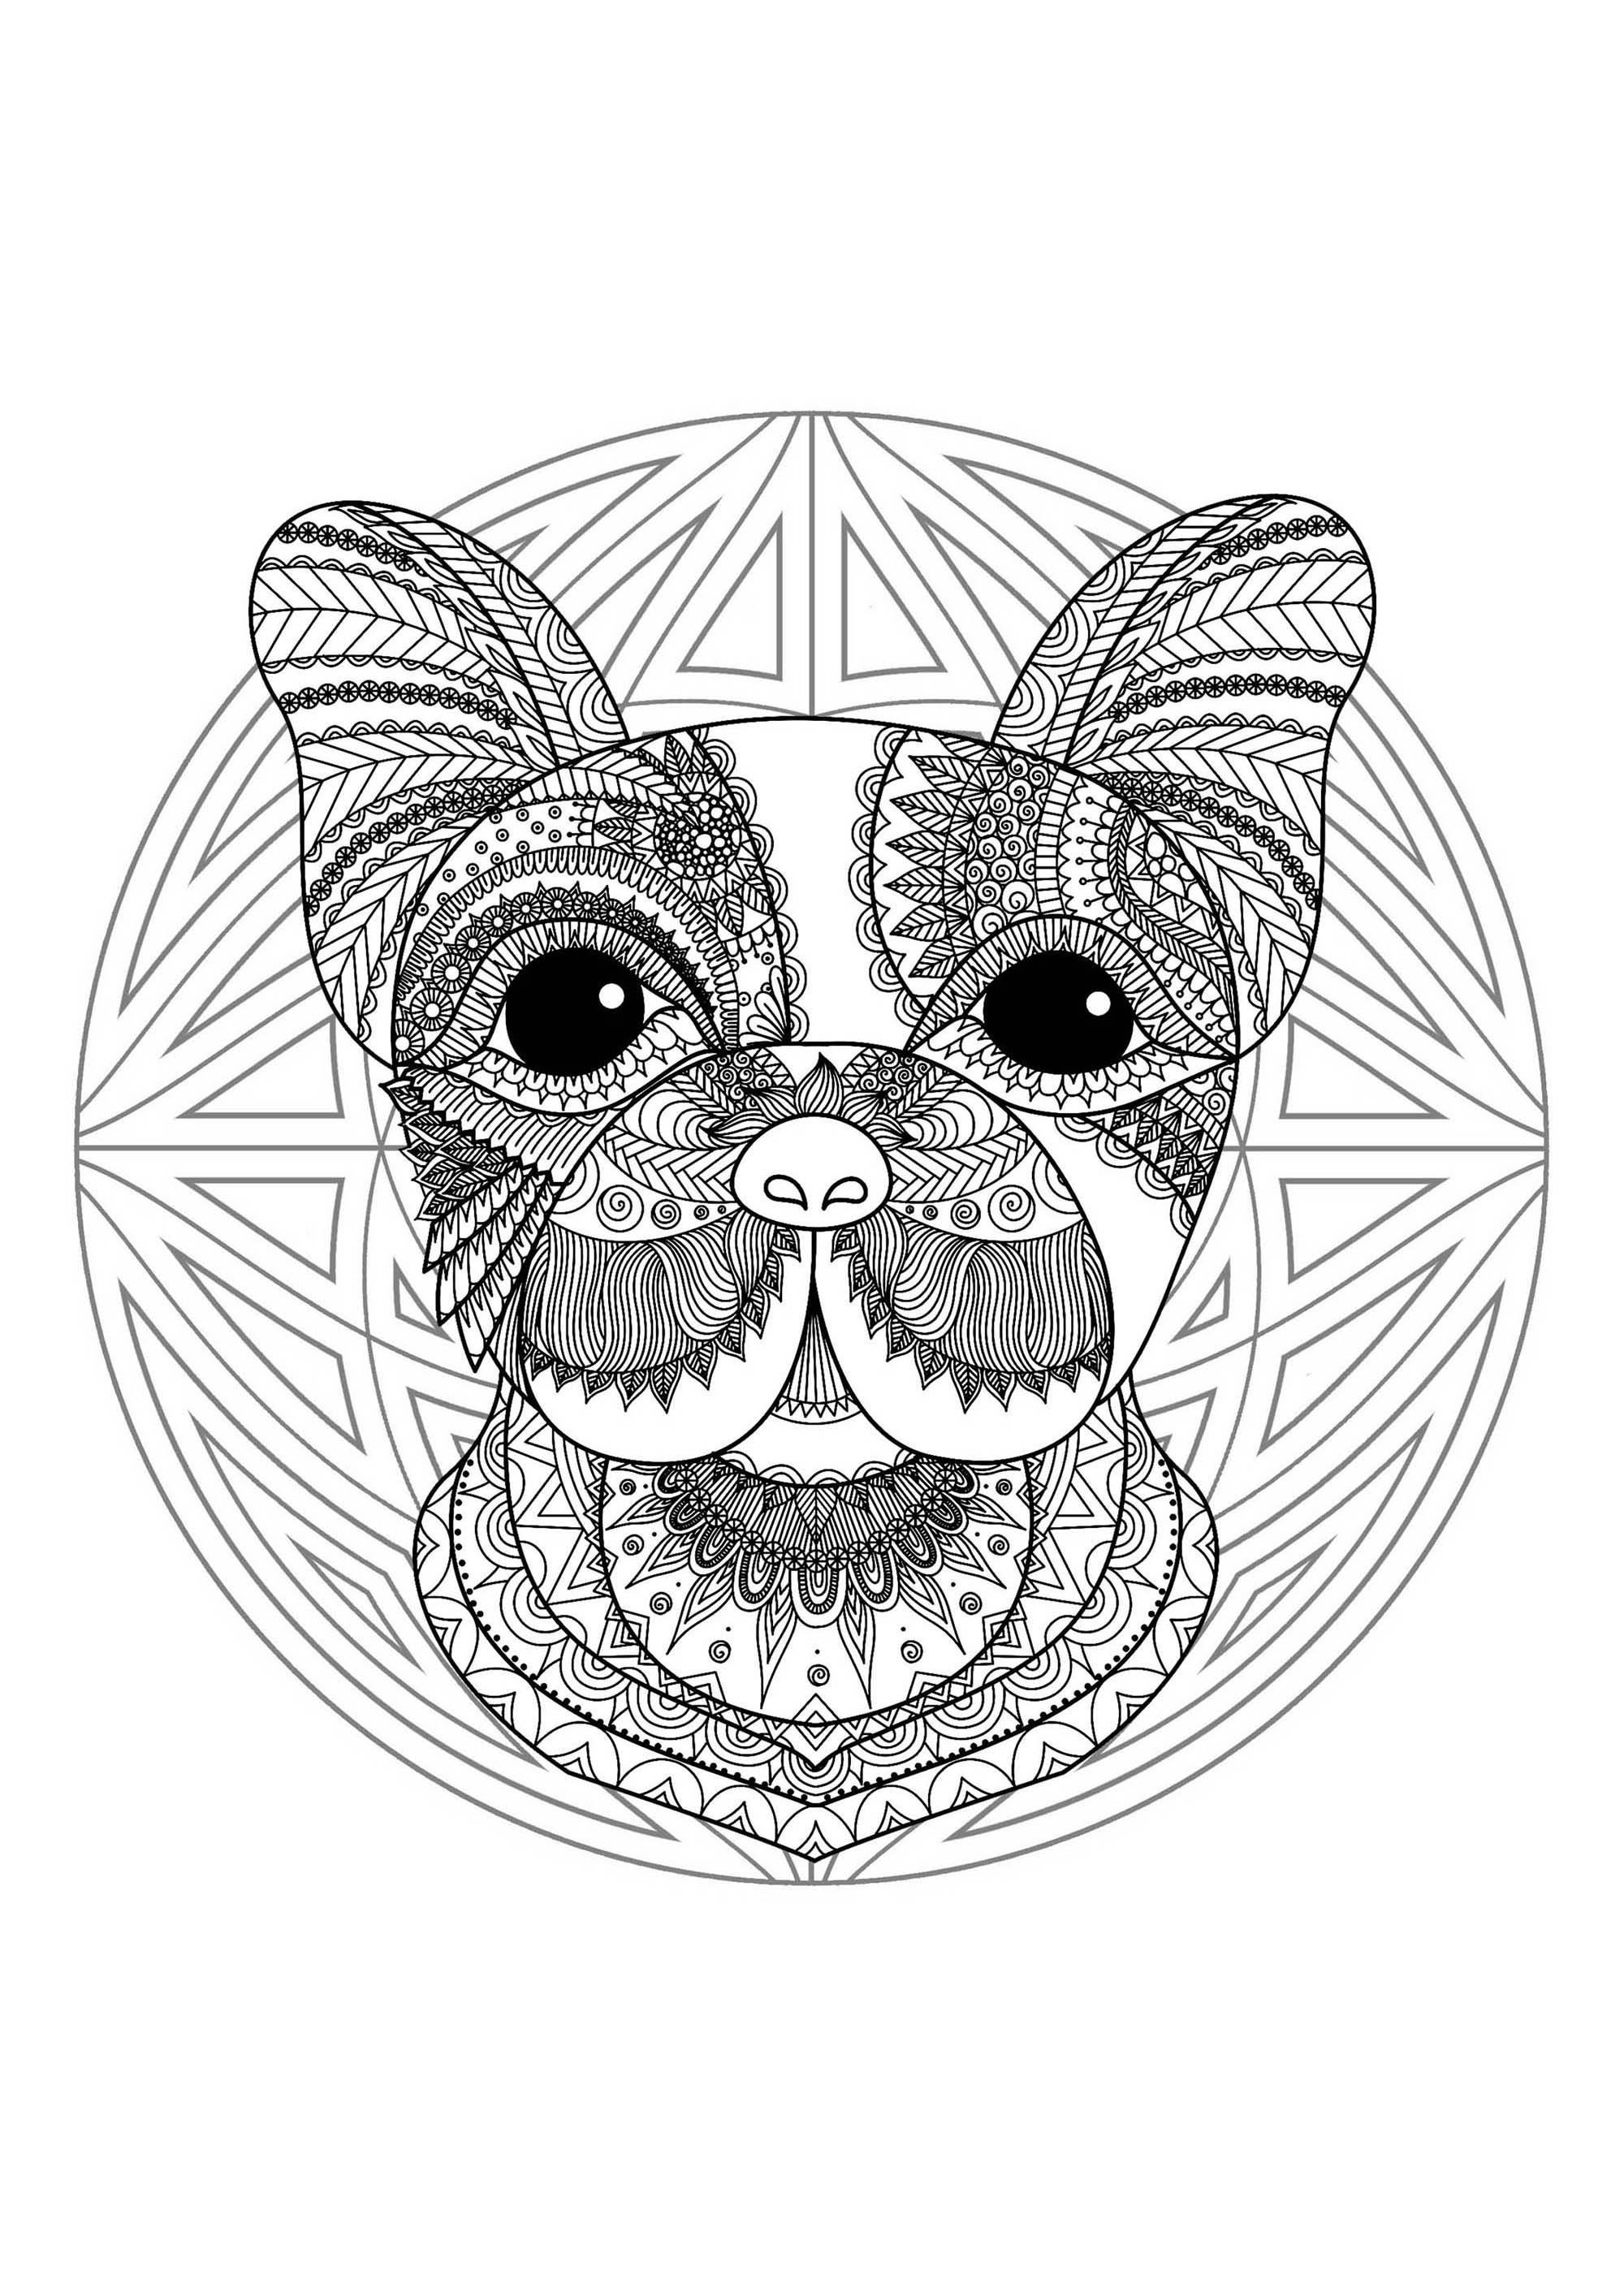 Mandala Tete Chien 2 - Mandalas - Coloriages Difficiles encequiconcerne Dessin De Tete De Chien